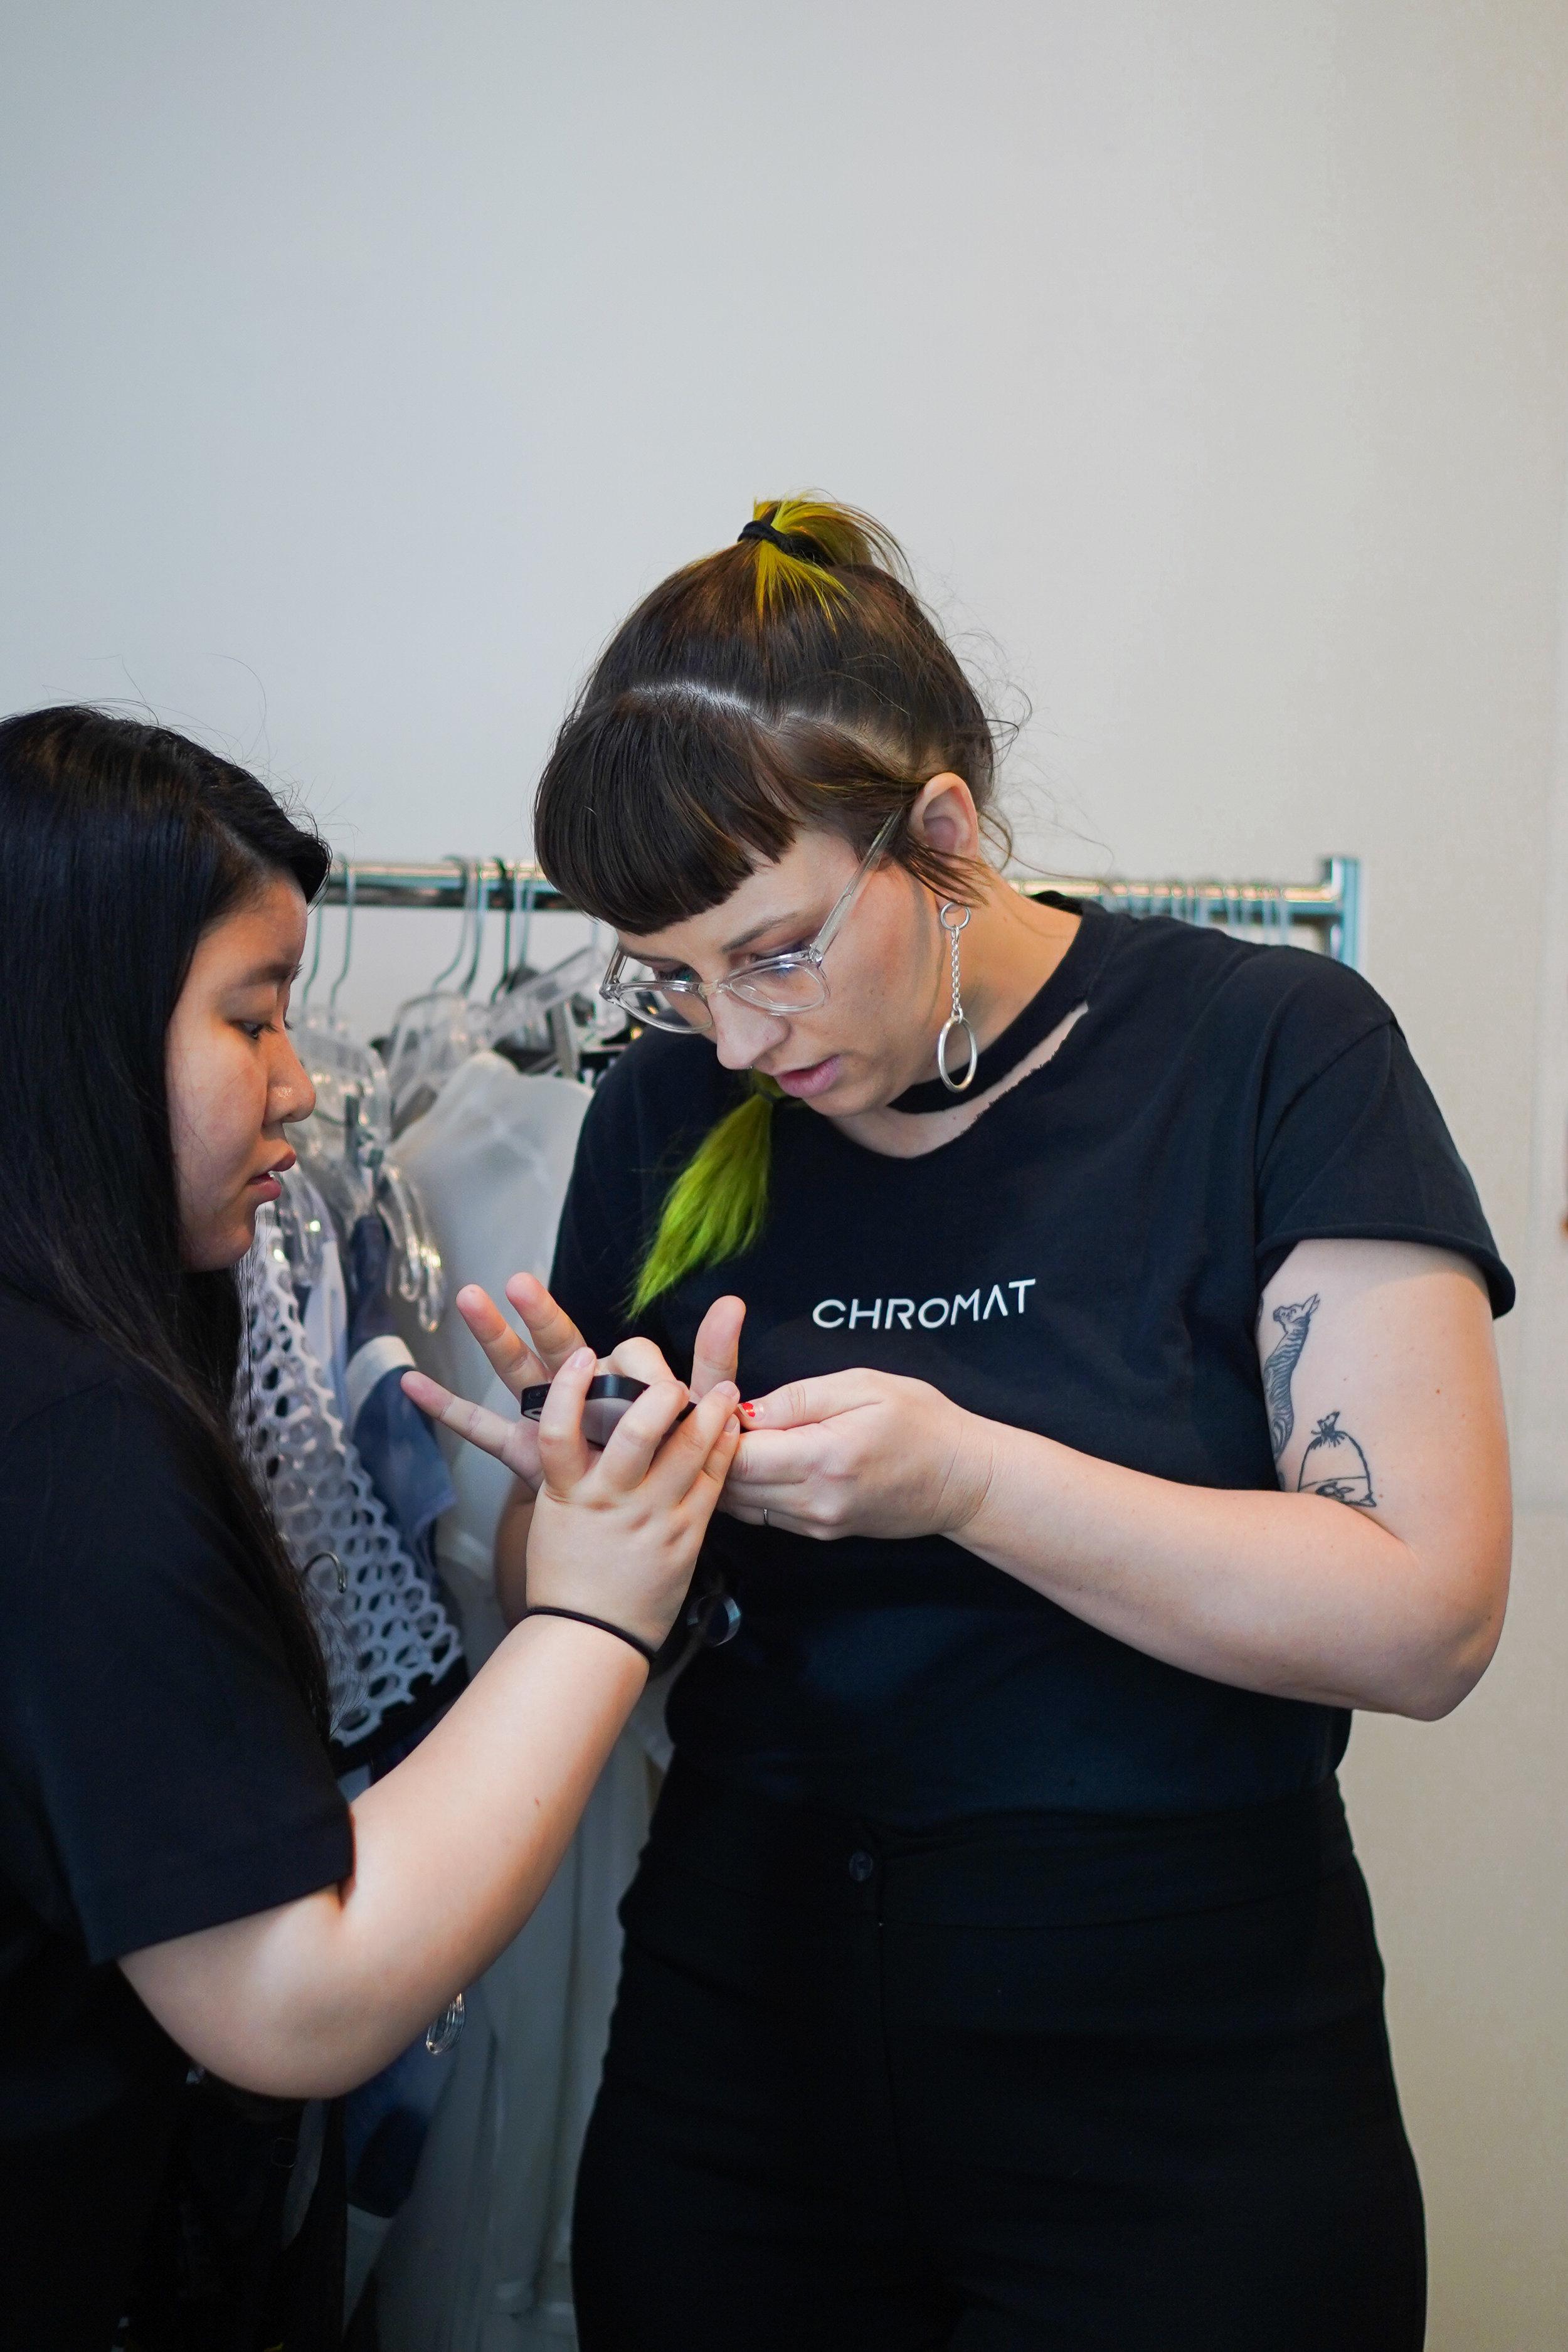 (right) Becca McCharen-Tran designer of CHROMAT